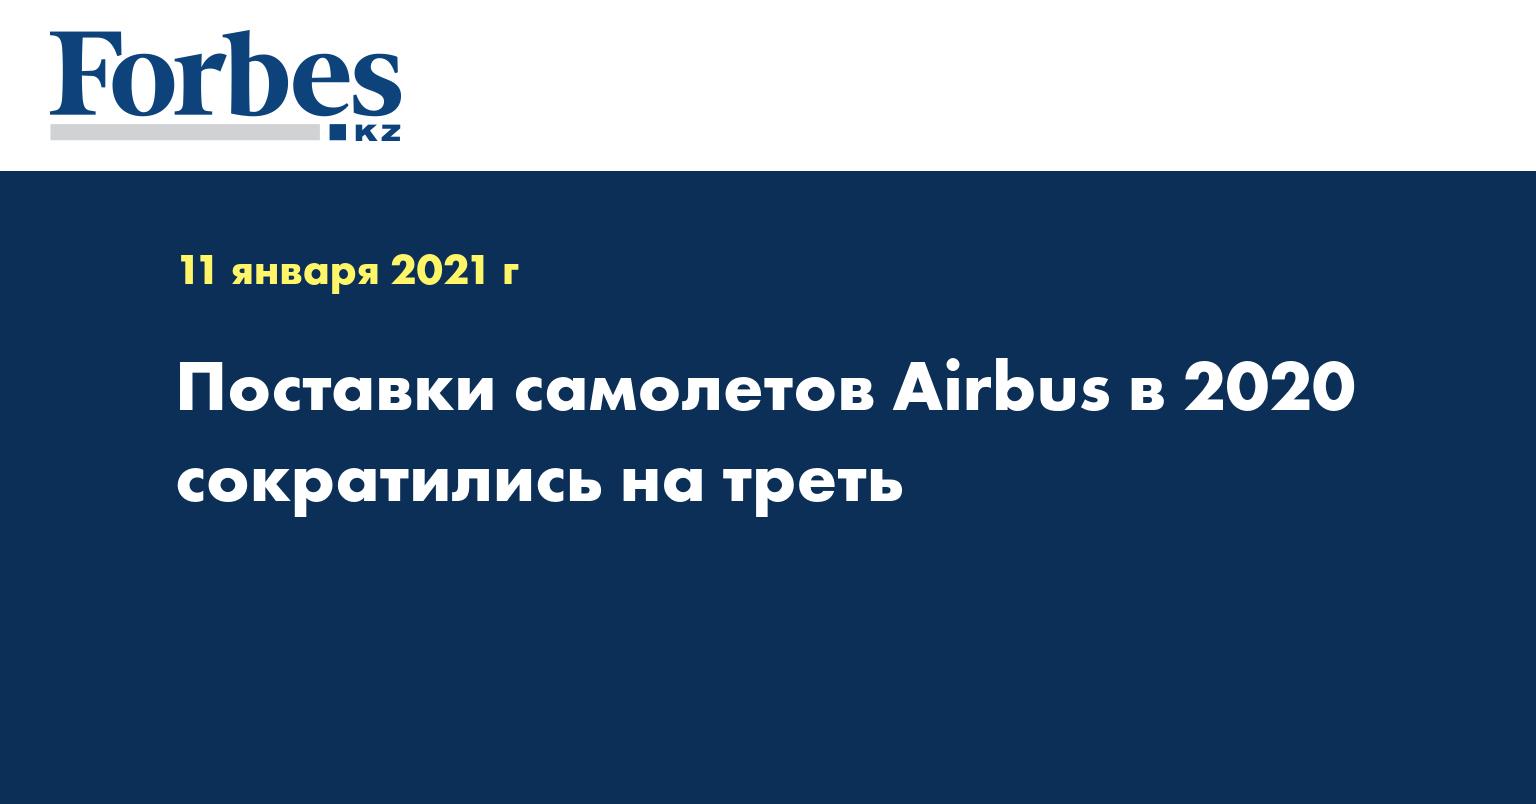 Поставки самолетов Airbus в 2020 сократились на треть